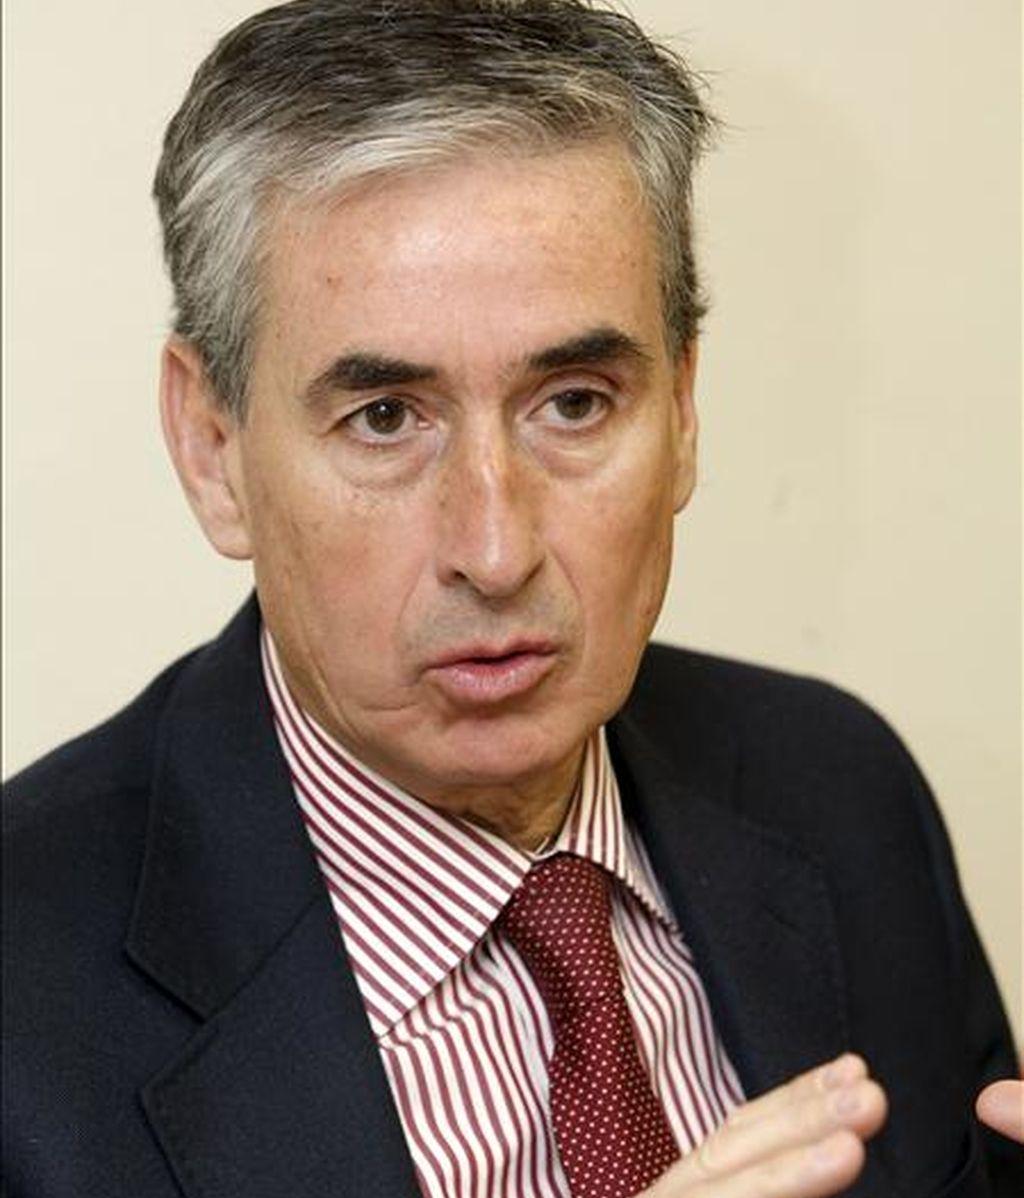 El secretario general del grupo socialista en el Congreso, Ramón Jáuregui. EFE/Archivo